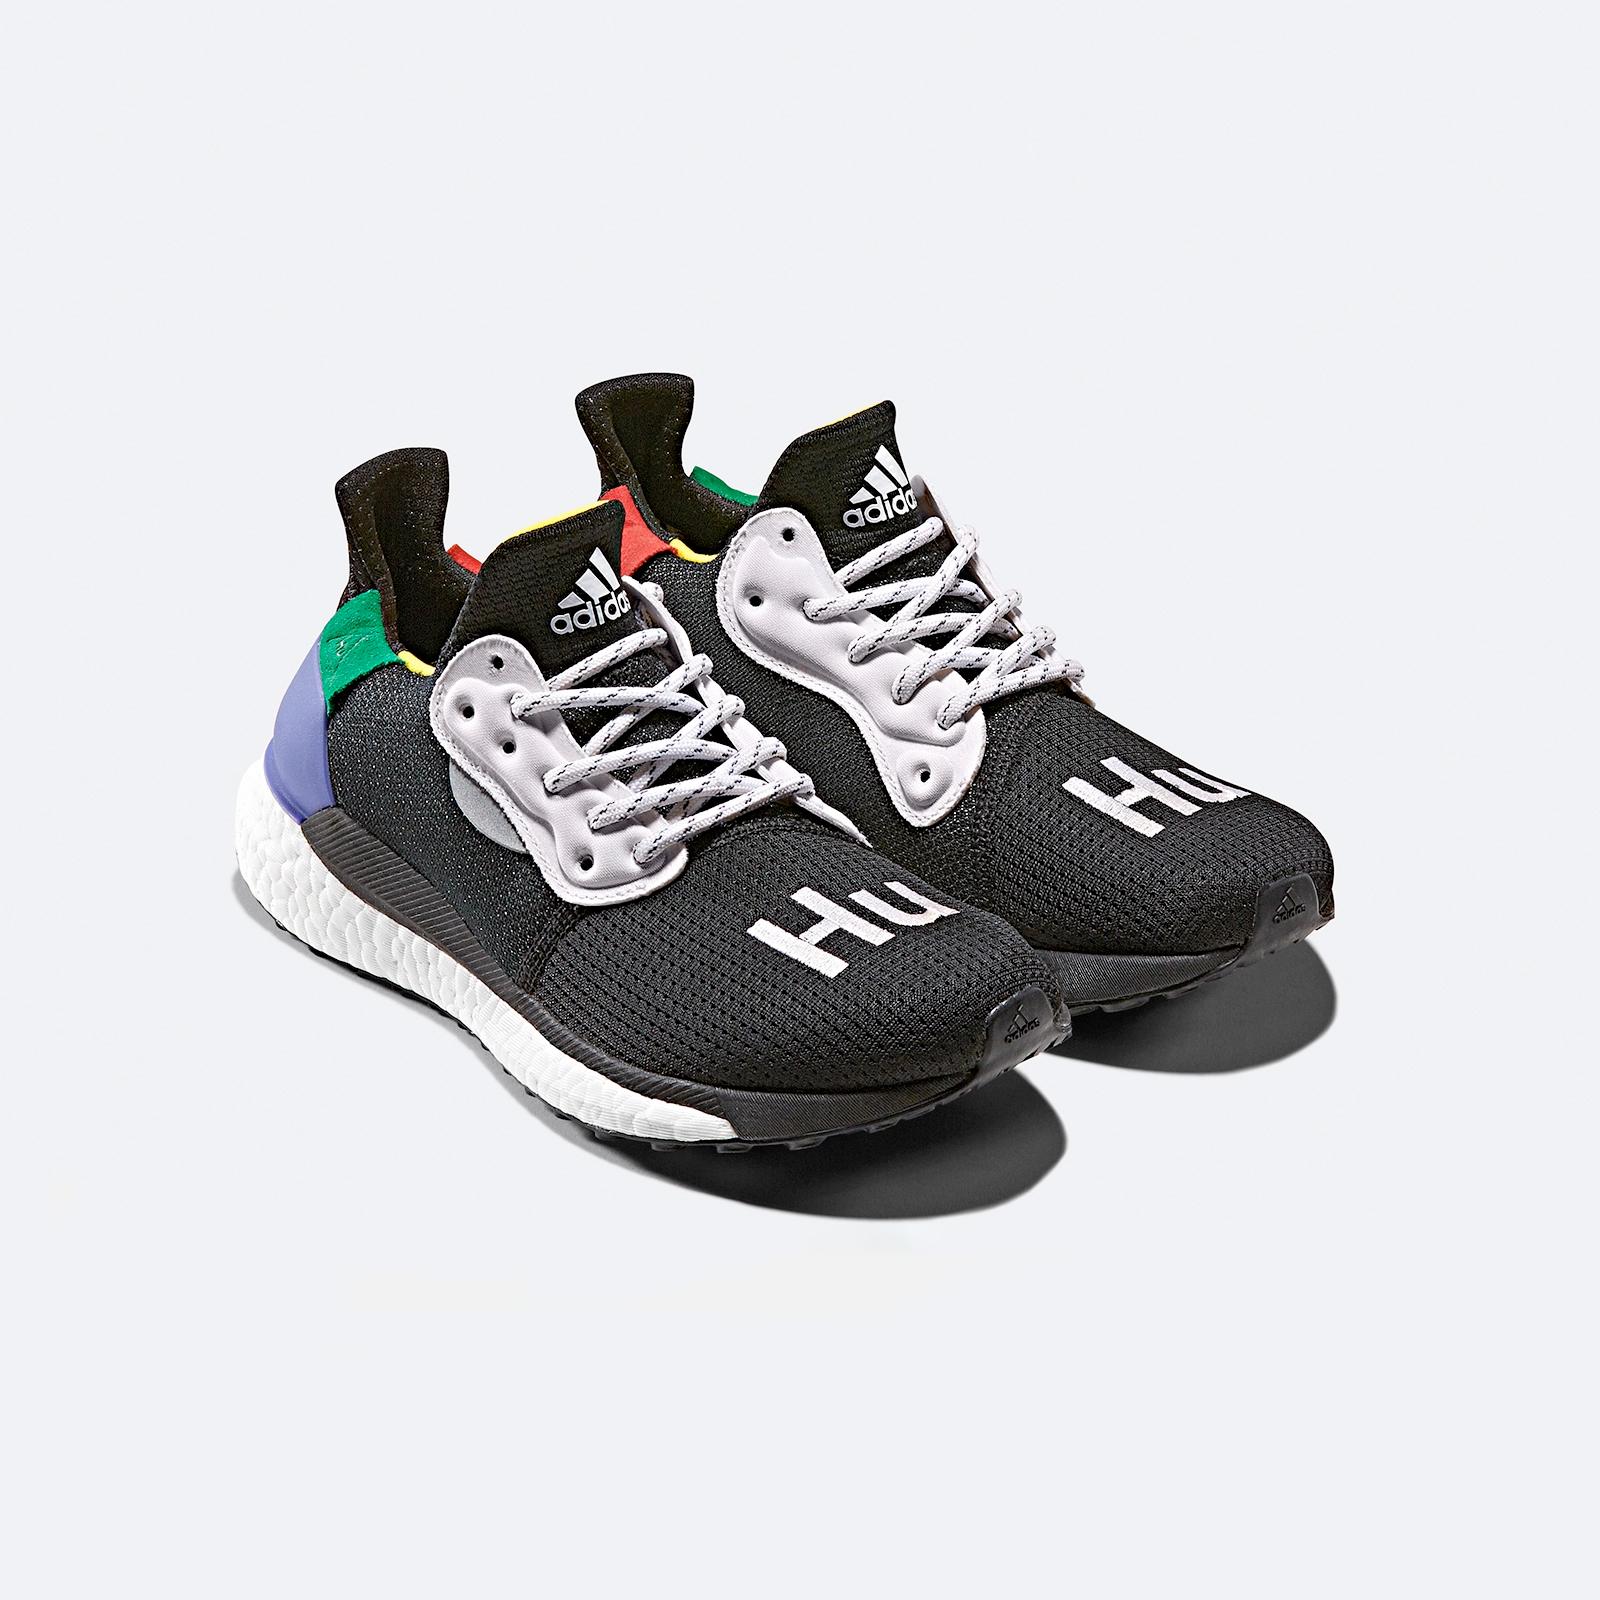 8b9b70951 adidas PW x HU Solar Glide - Bb8041 - Sneakersnstuff